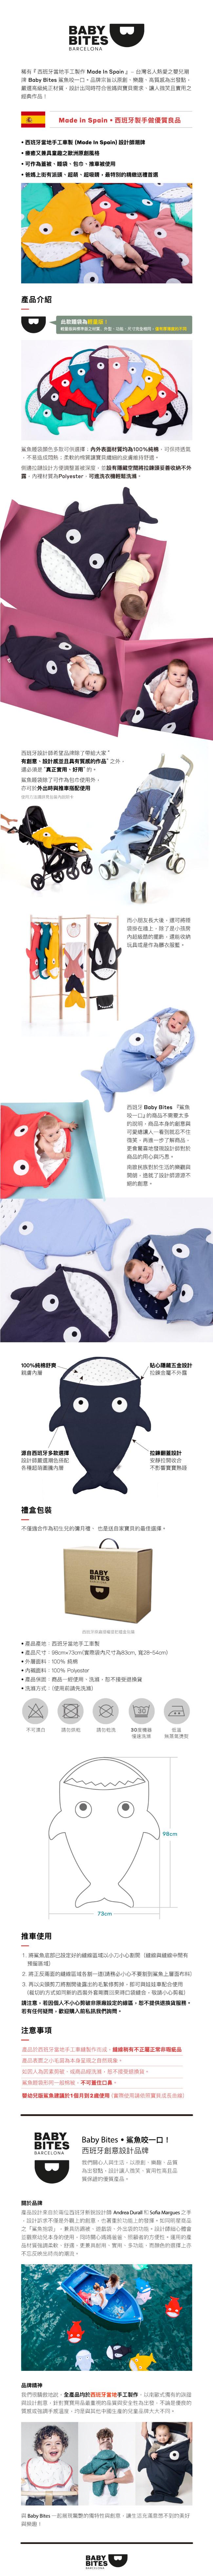 鯊魚咬一口 BabyBites|(標準版)100%純棉手作兒童版睡袋/防踢被-水手粉條紋